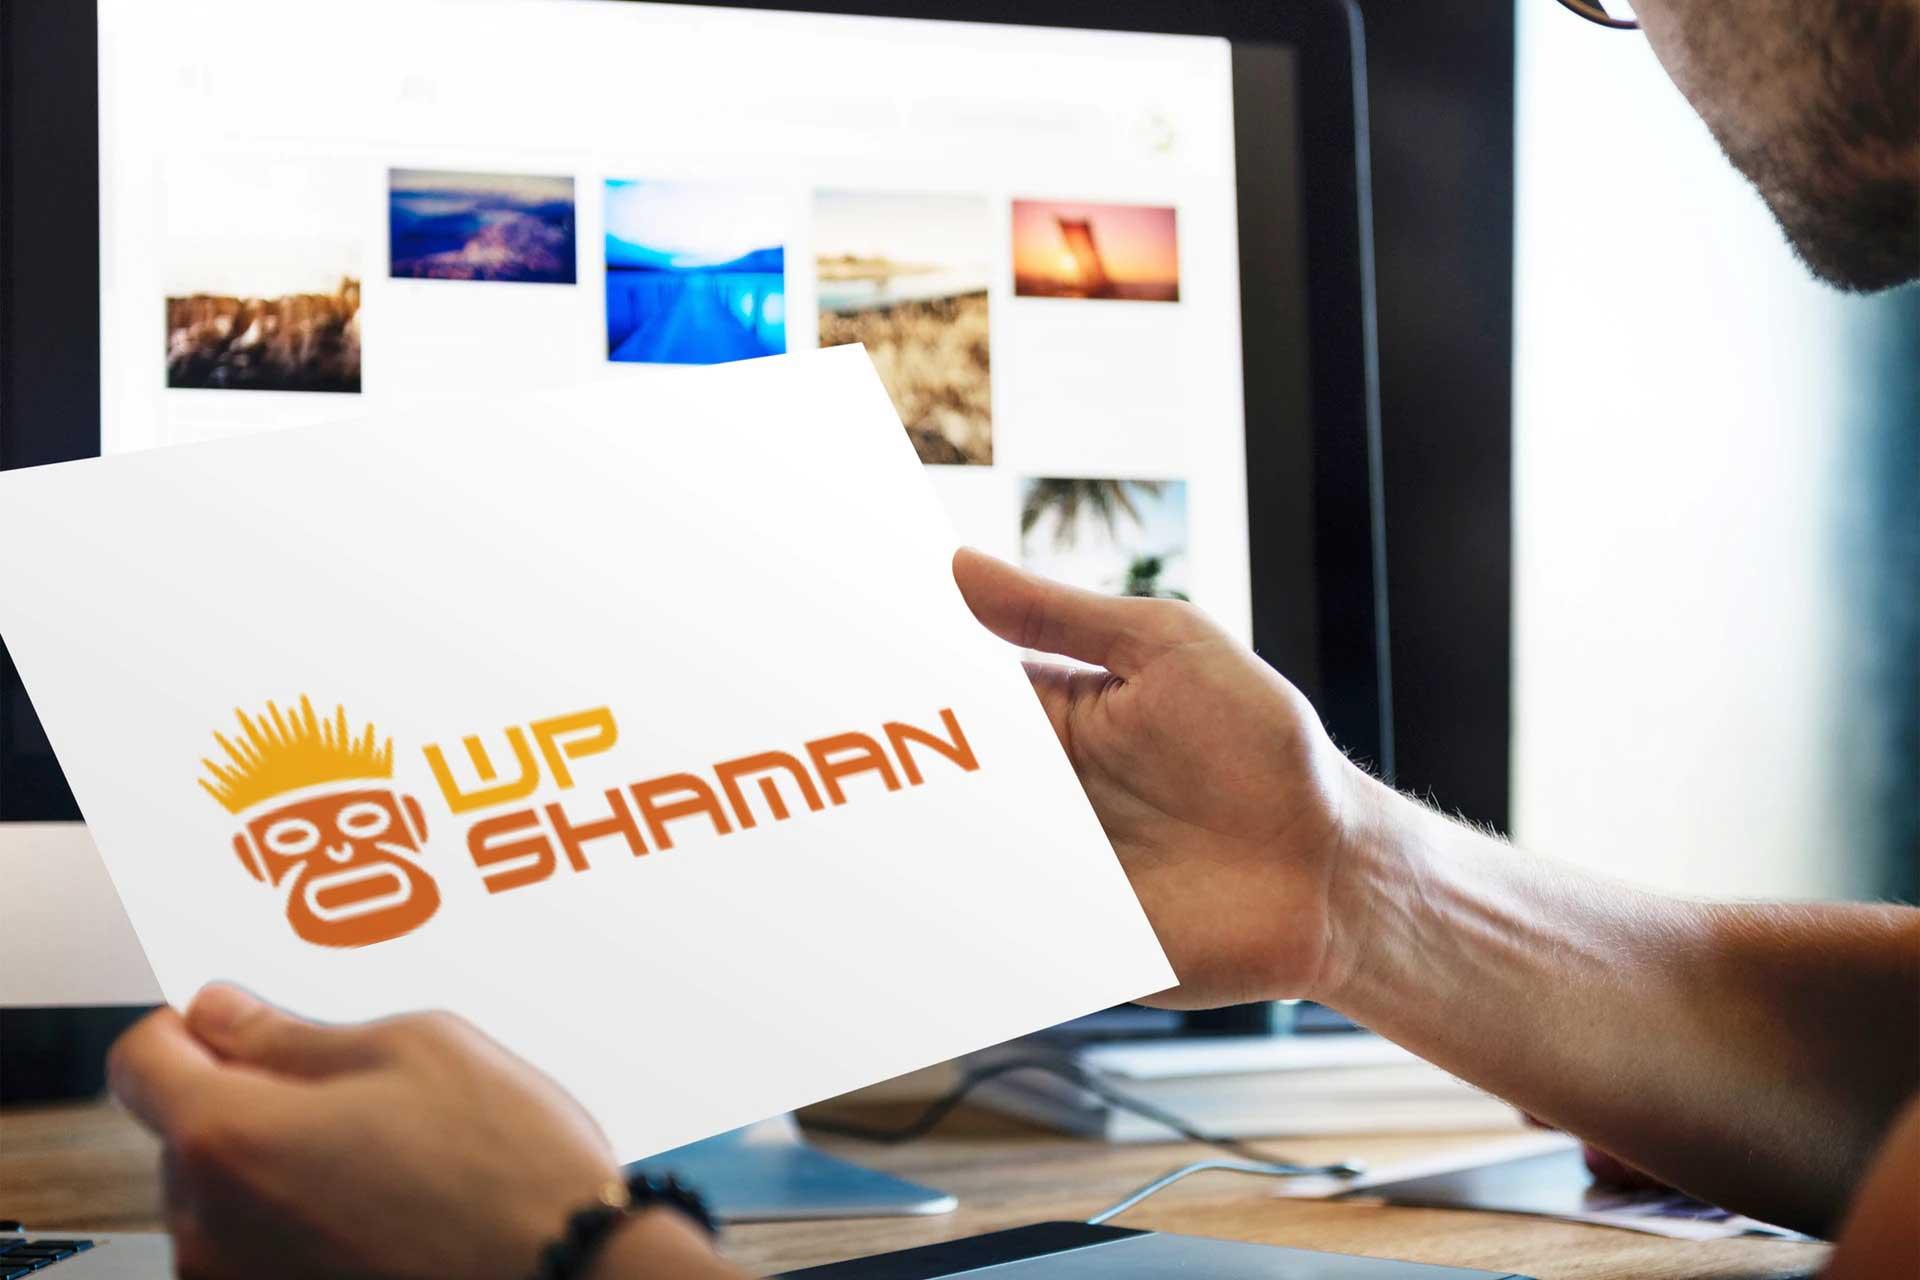 Wp Shaman logo